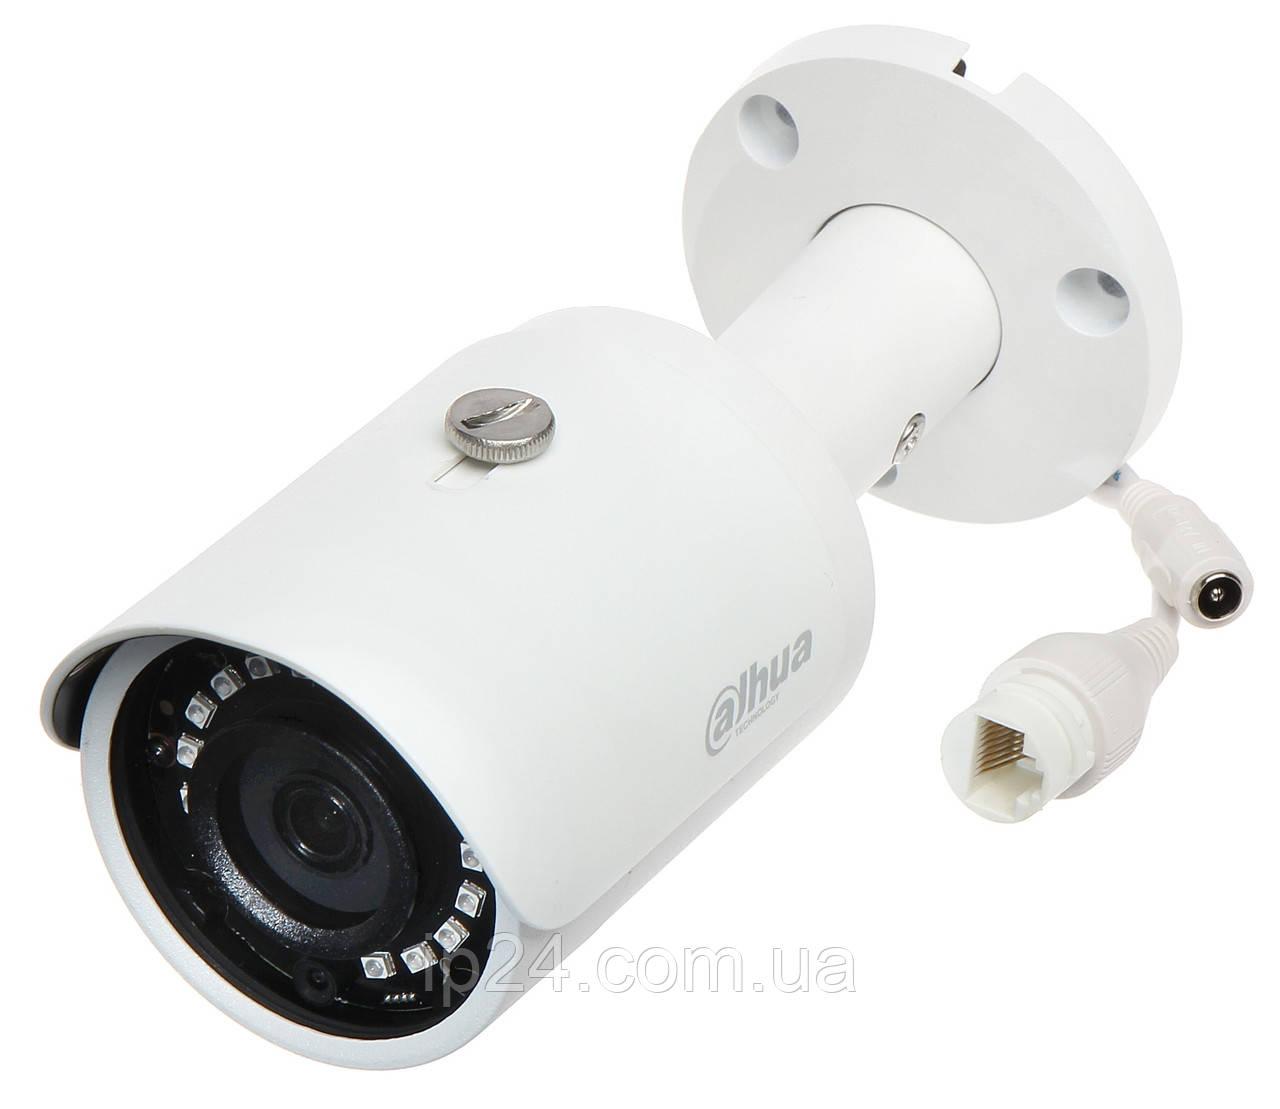 IP-видеокамера Dahua IPC-HFW1230SP-0280B для системы видеонаблюдения